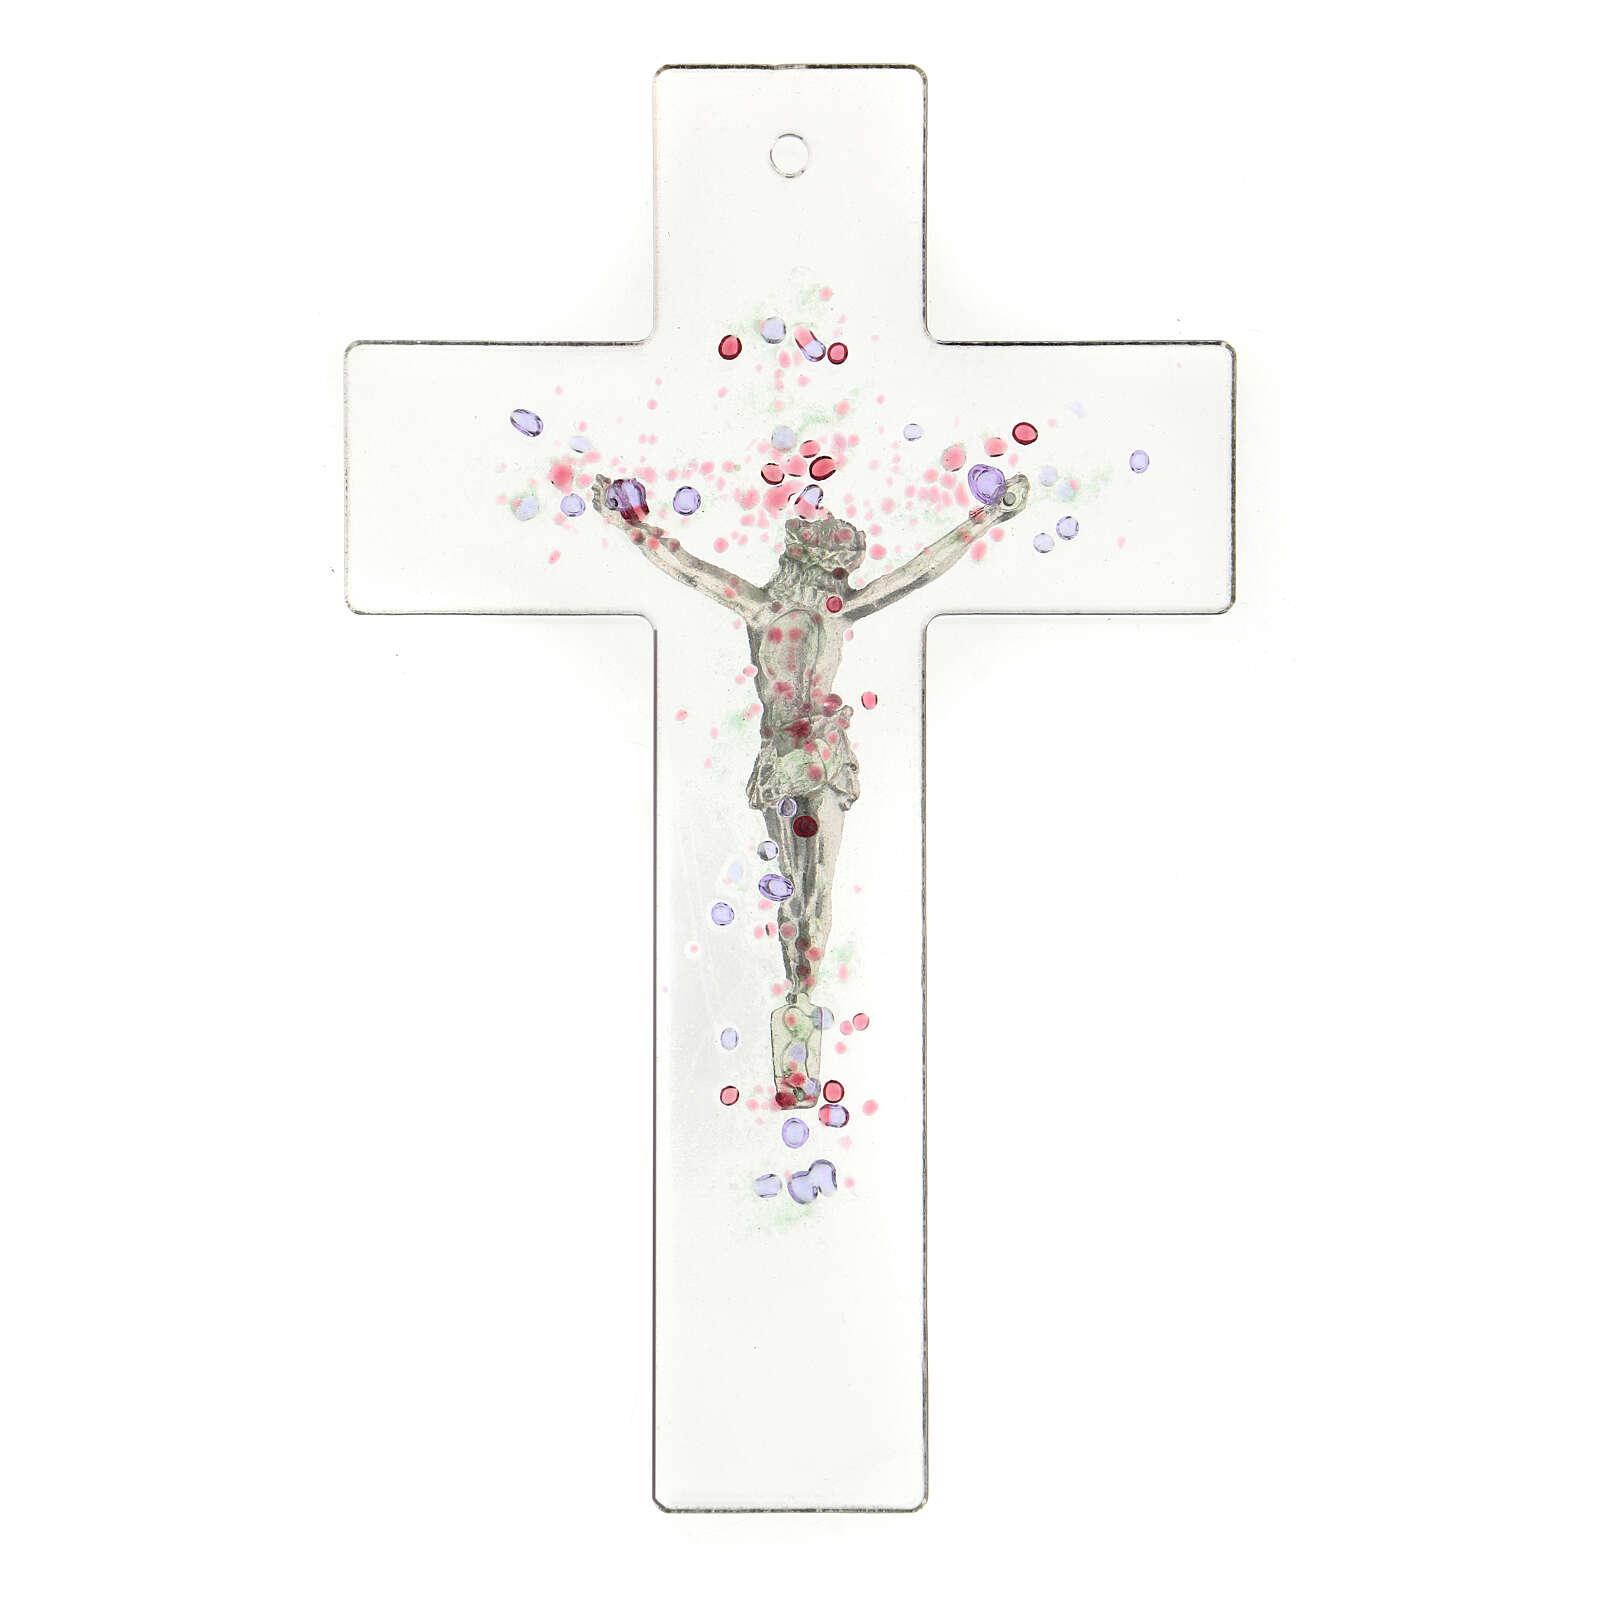 Crocifisso moderno con bolle di colore in rilievo 20x15 cm 4